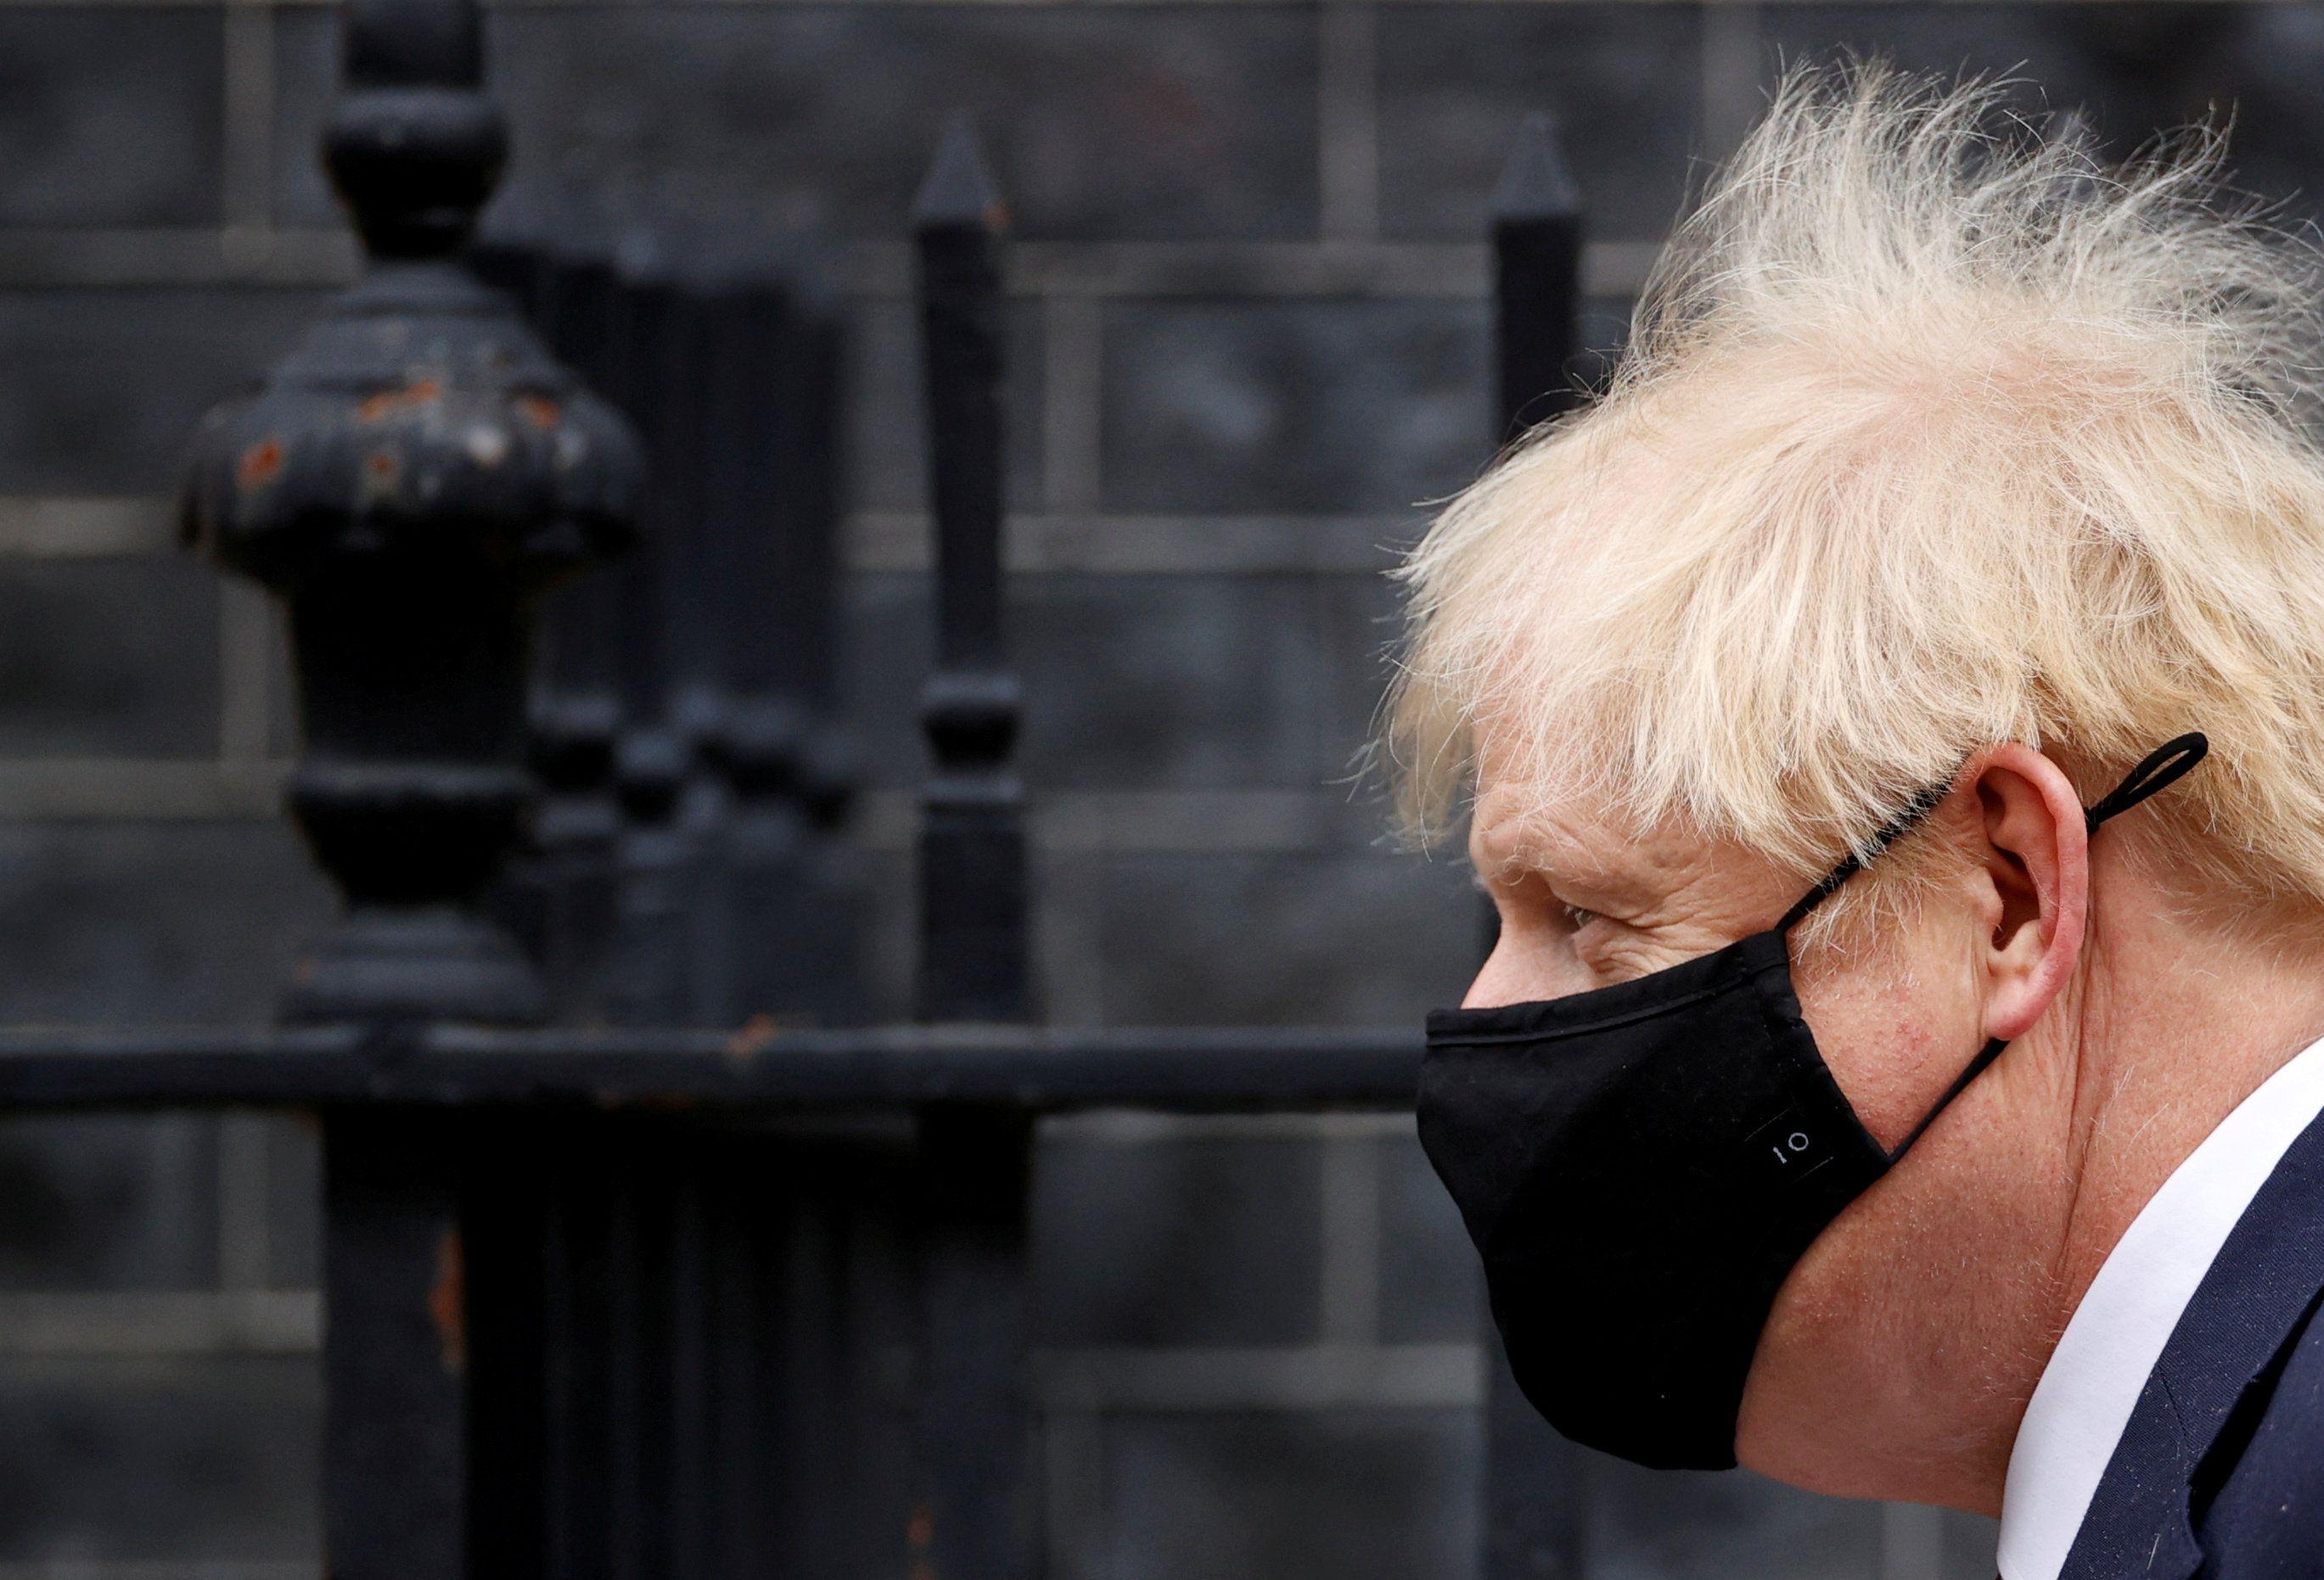 UK Prime Minister Boris Johnson wearing a mask